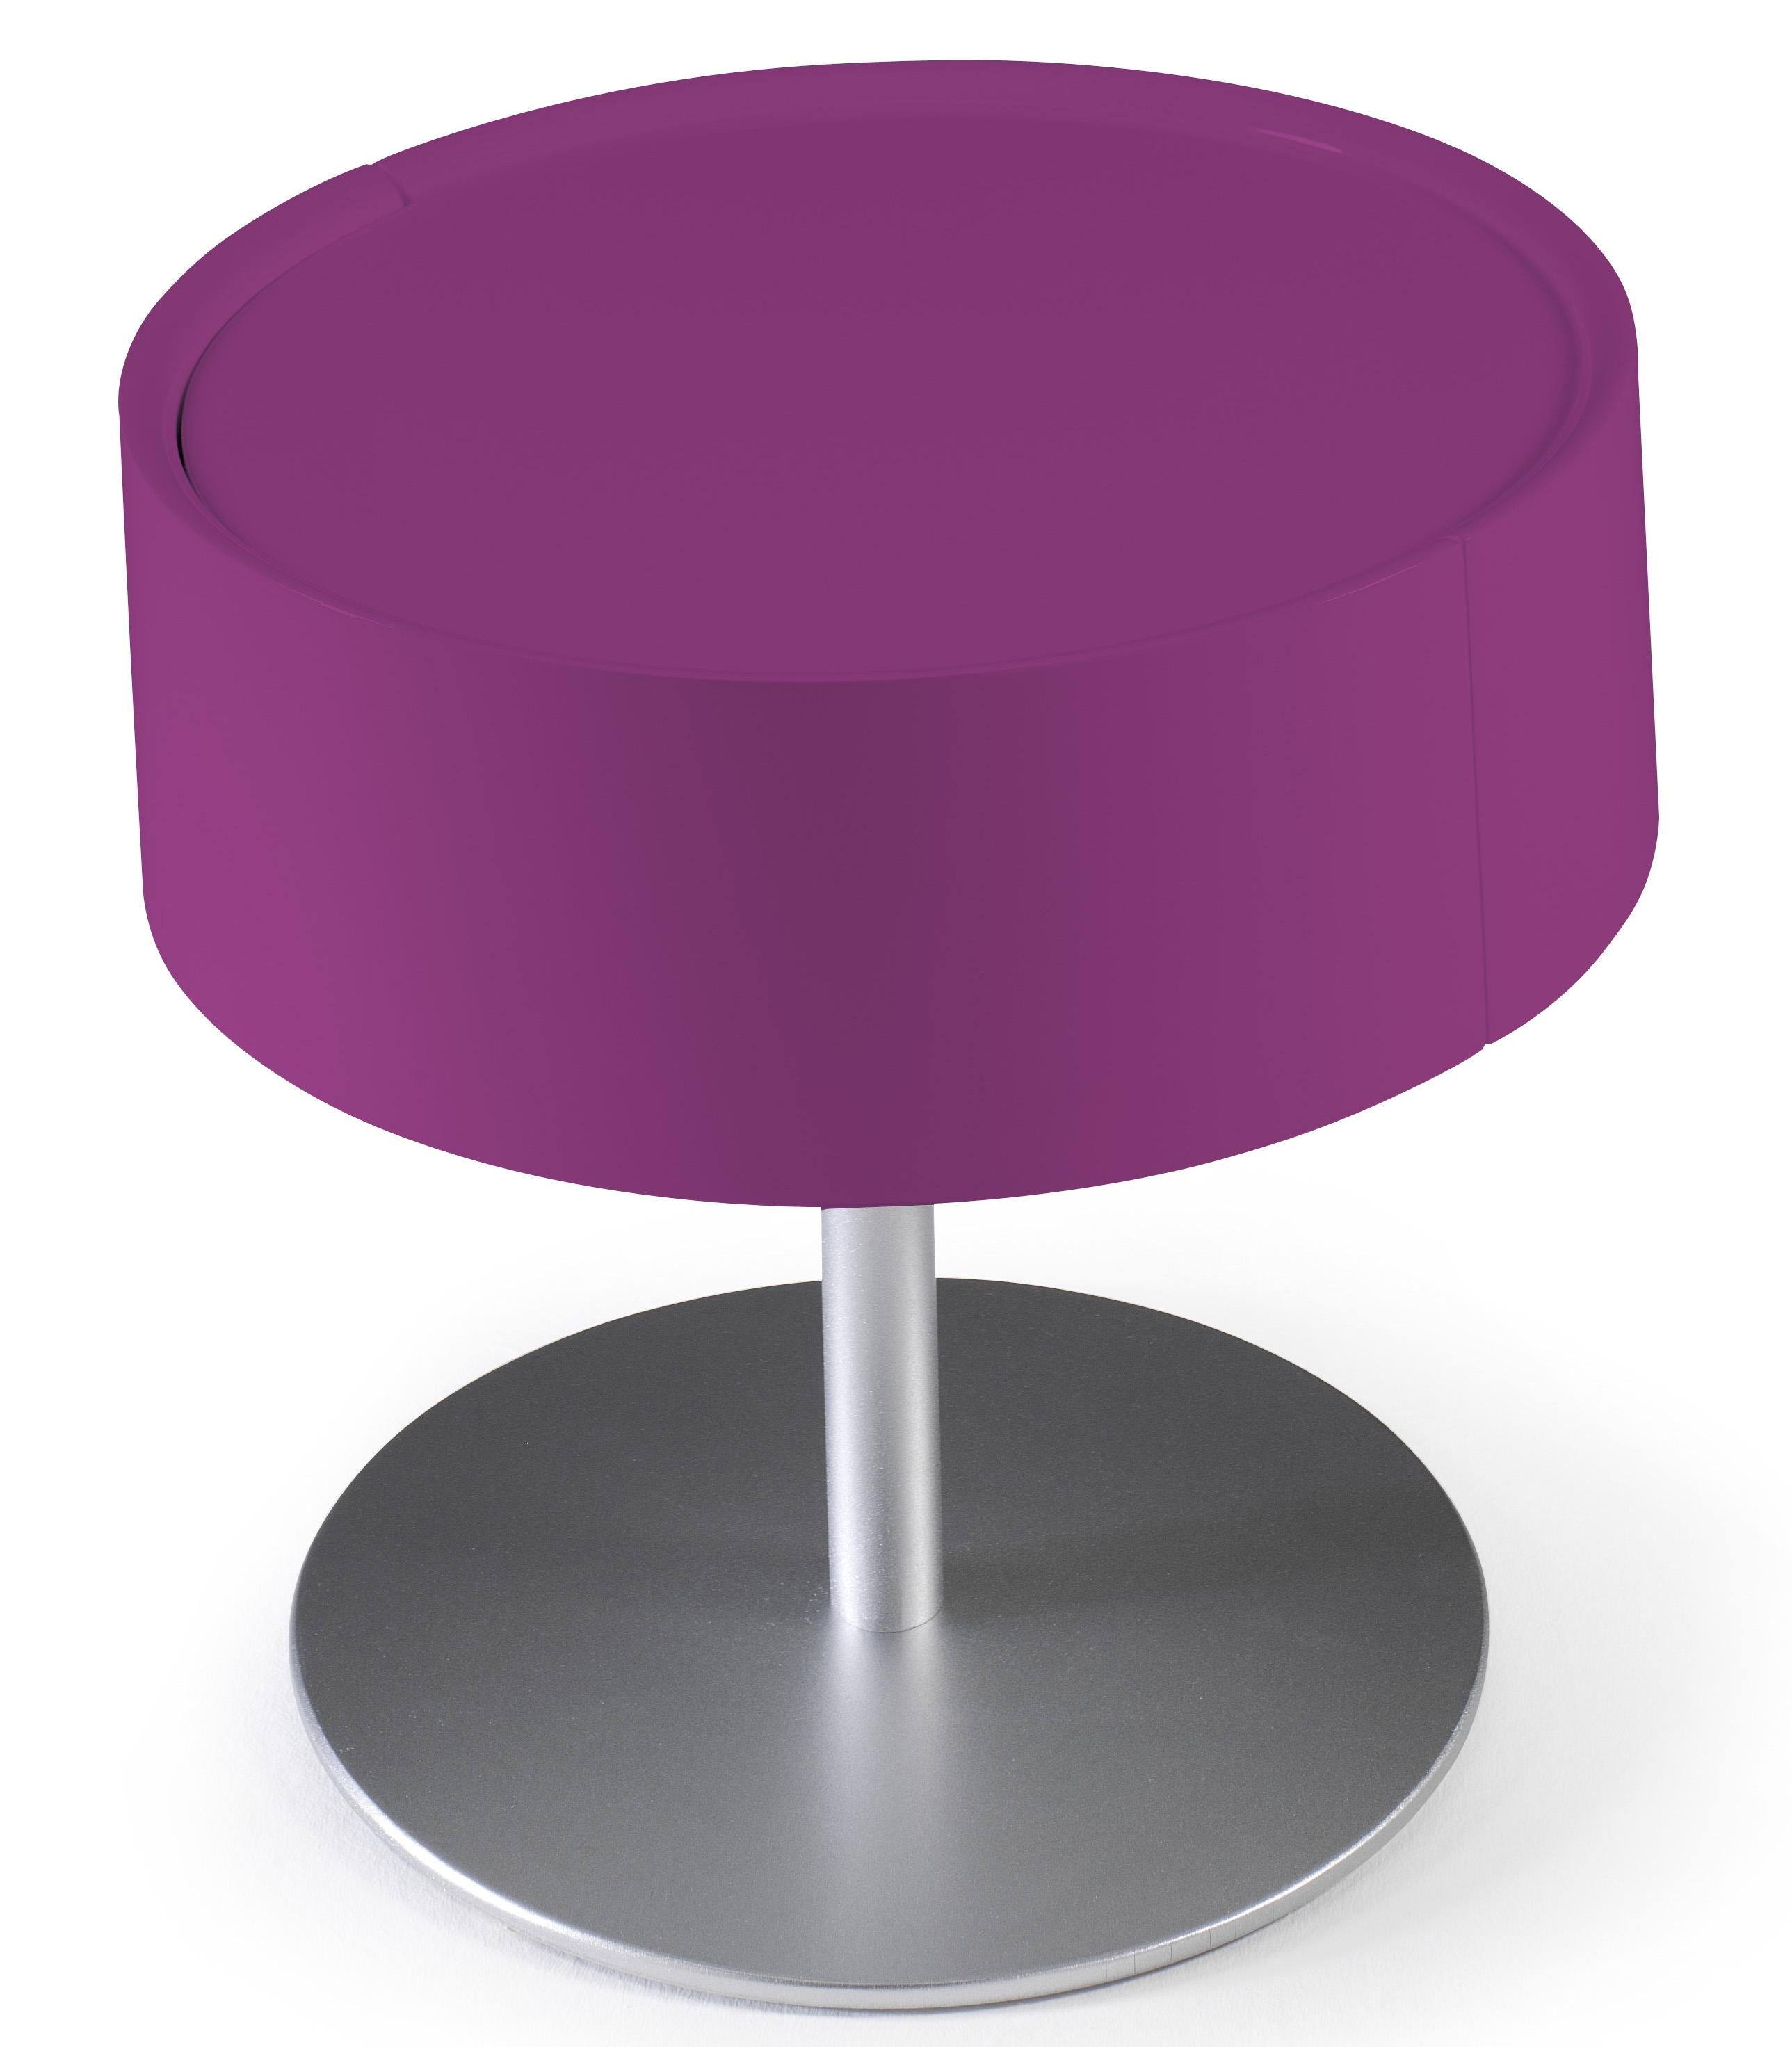 table de chevet design fuchsia laqu torsada. Black Bedroom Furniture Sets. Home Design Ideas